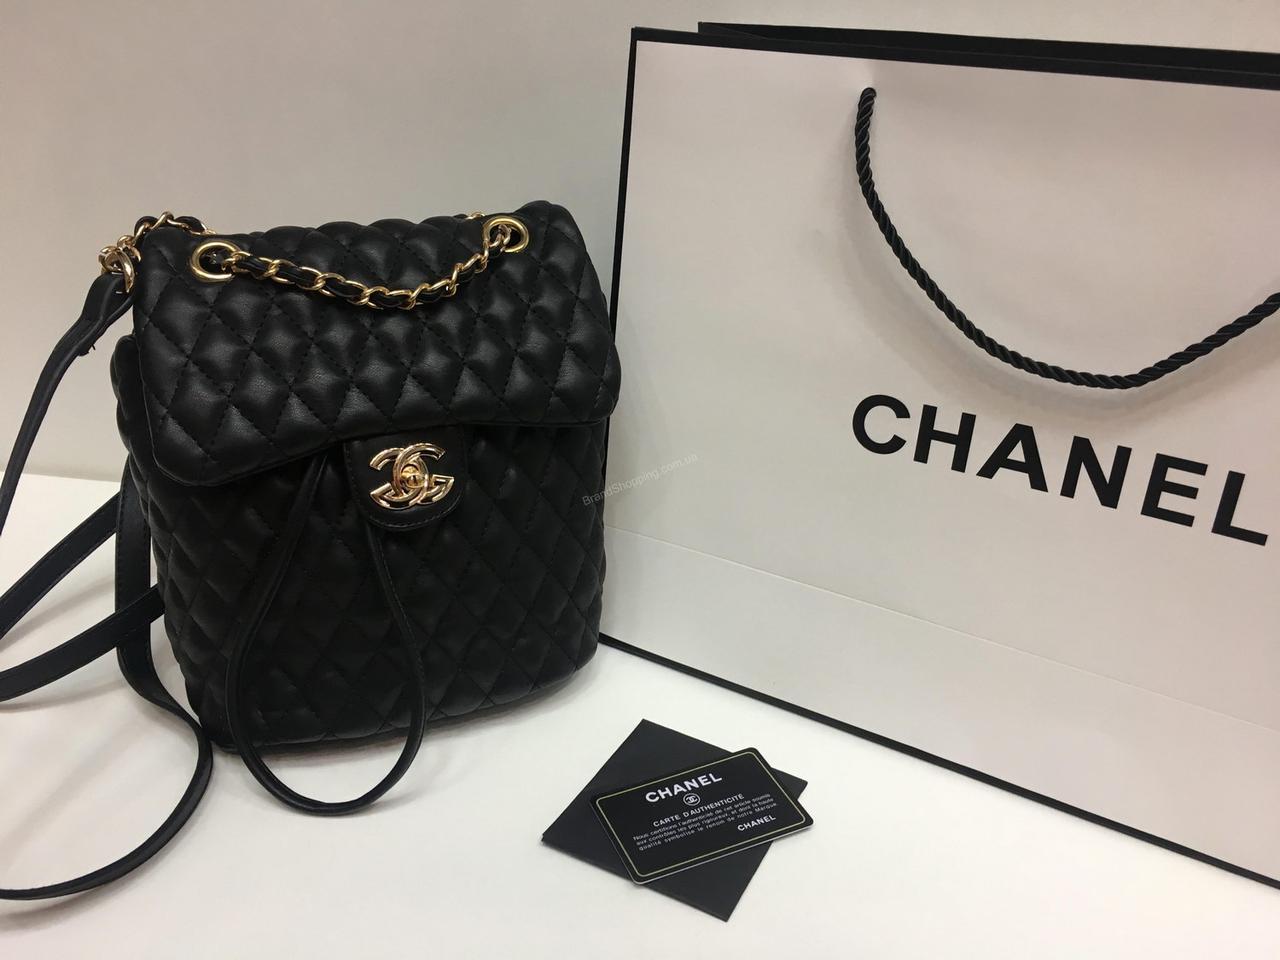 50022f428785 Женский кожаный рюкзак- сумка (сумочка ) Chanel 0445 - купить по ...